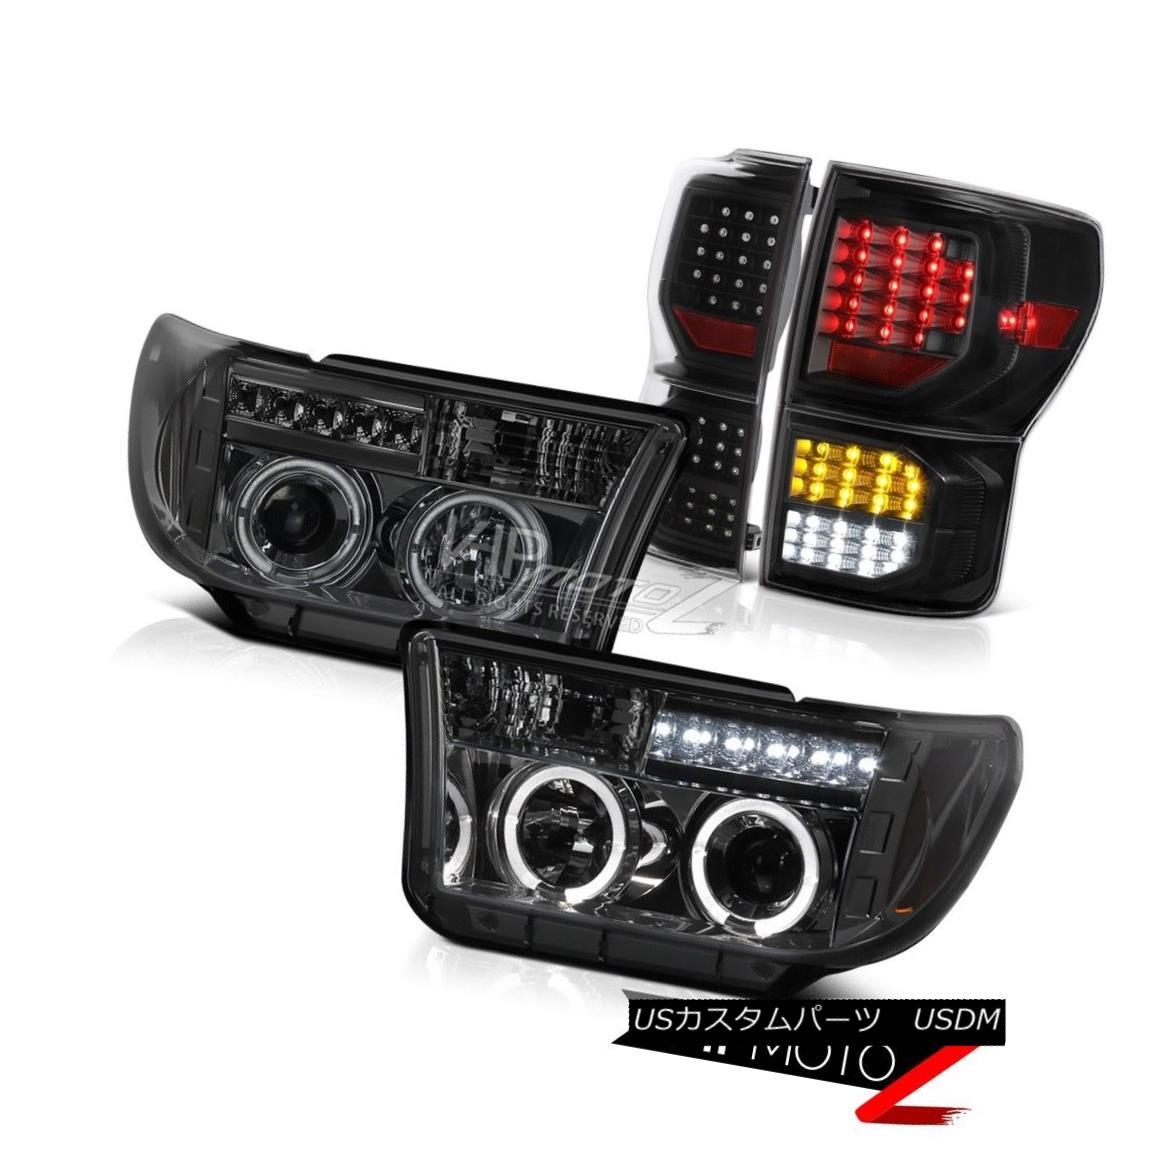 テールライト 2007-2013 Toyota Tundra SR5 Black Tail Lamps Projector Headlights SMD LED Signal 2007-2013トヨタトンドラSR5ブラックテールランププロジェクターヘッドライトSMD LED信号